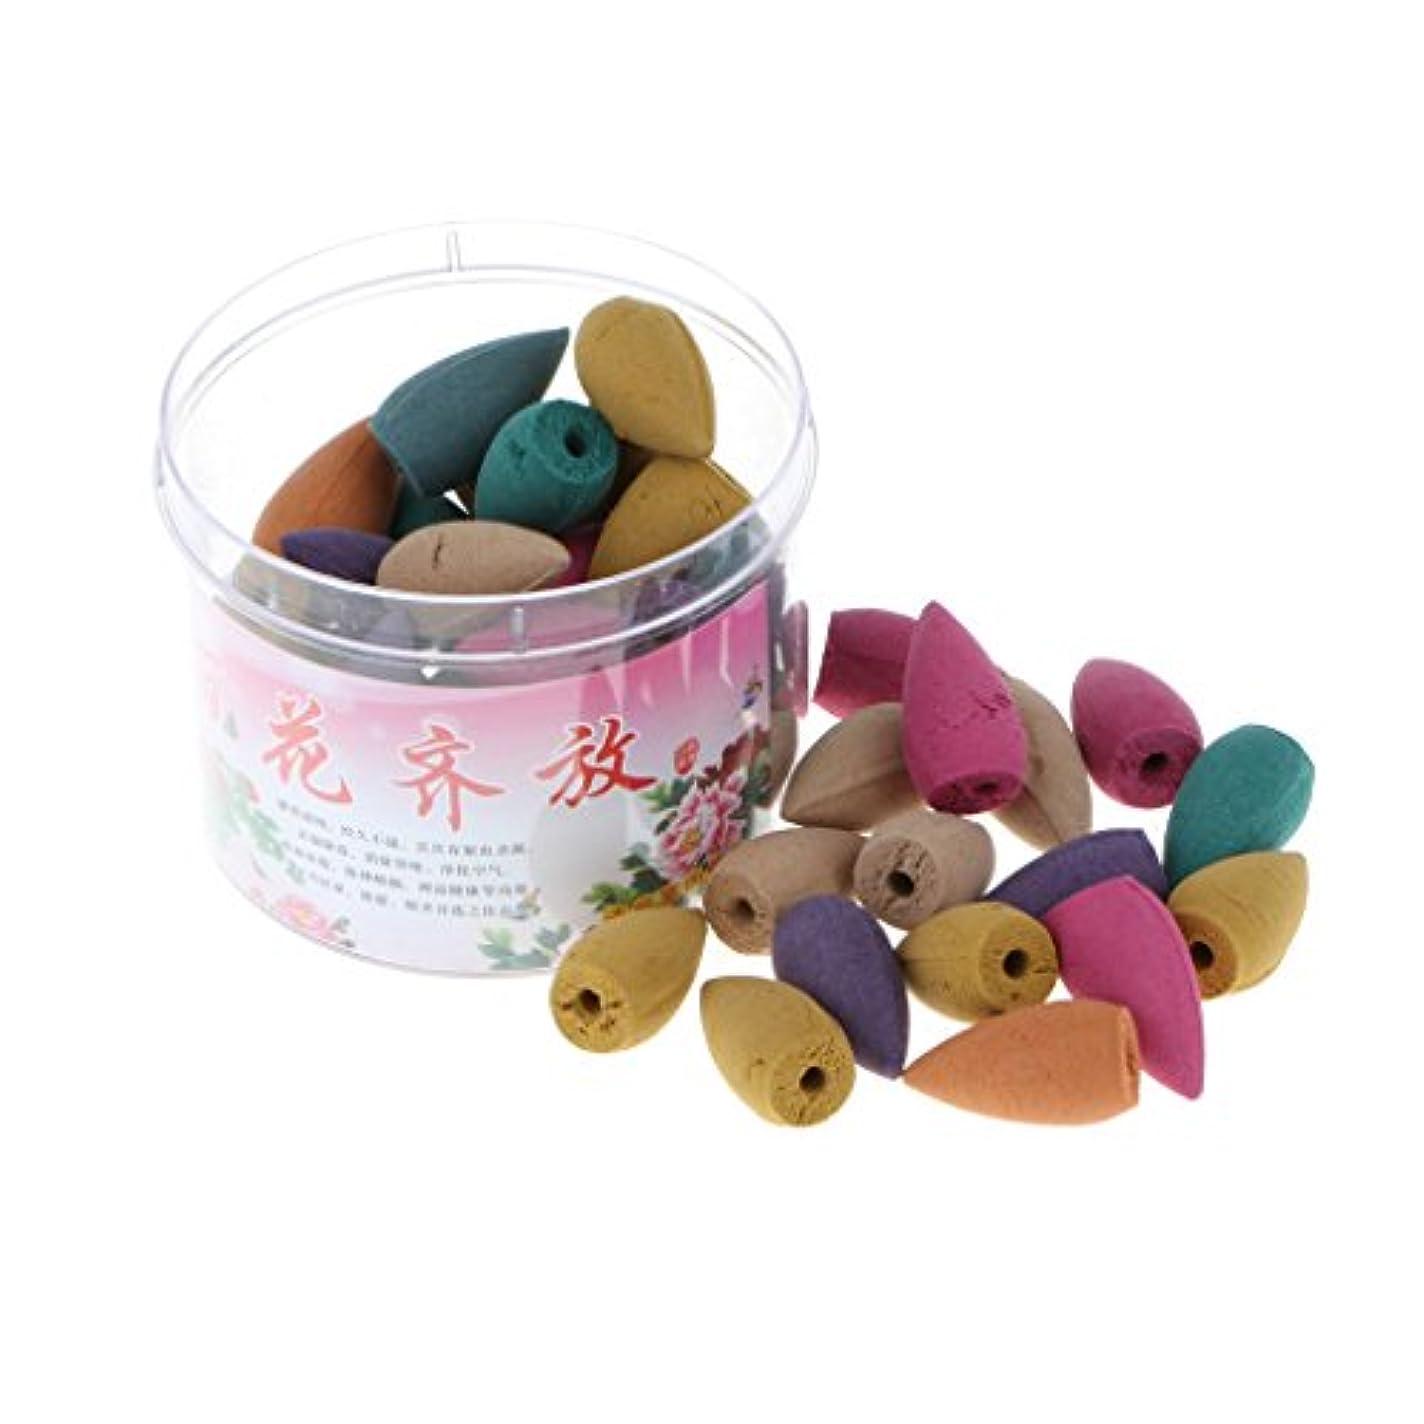 提案する有力者命令的Baosity 多種選べる 逆流香 逆流香炉用 コーン型 お香立セット プレゼント - #10